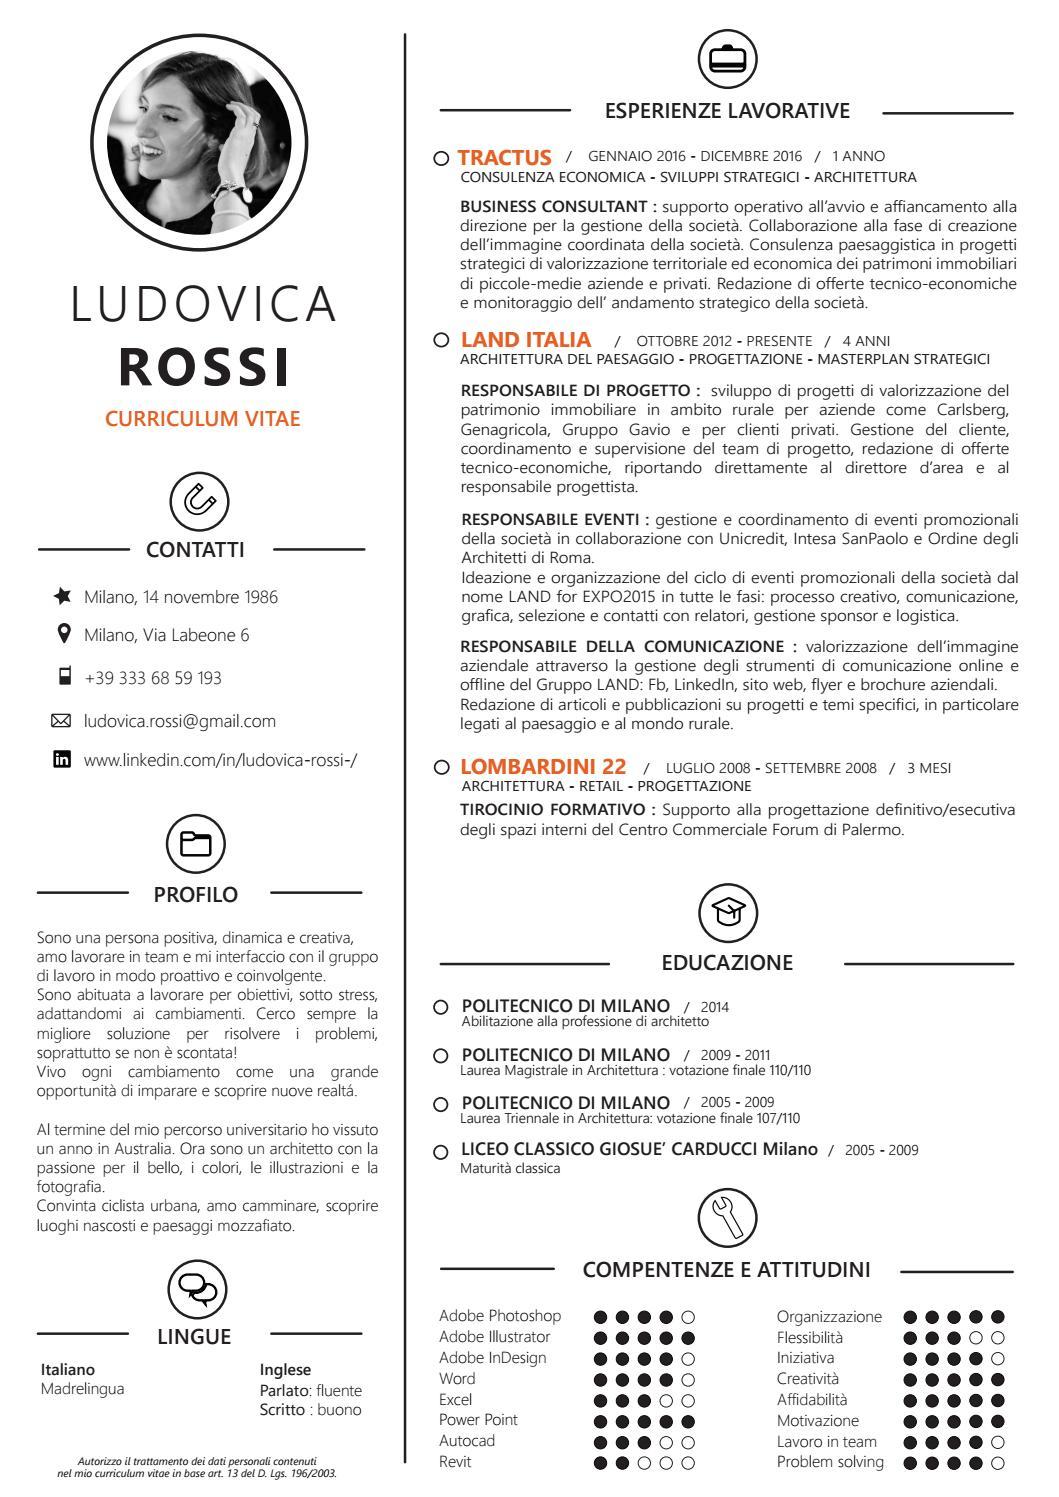 Cv Ludovica Rossi 2017 By Ludovica Rossi Issuu